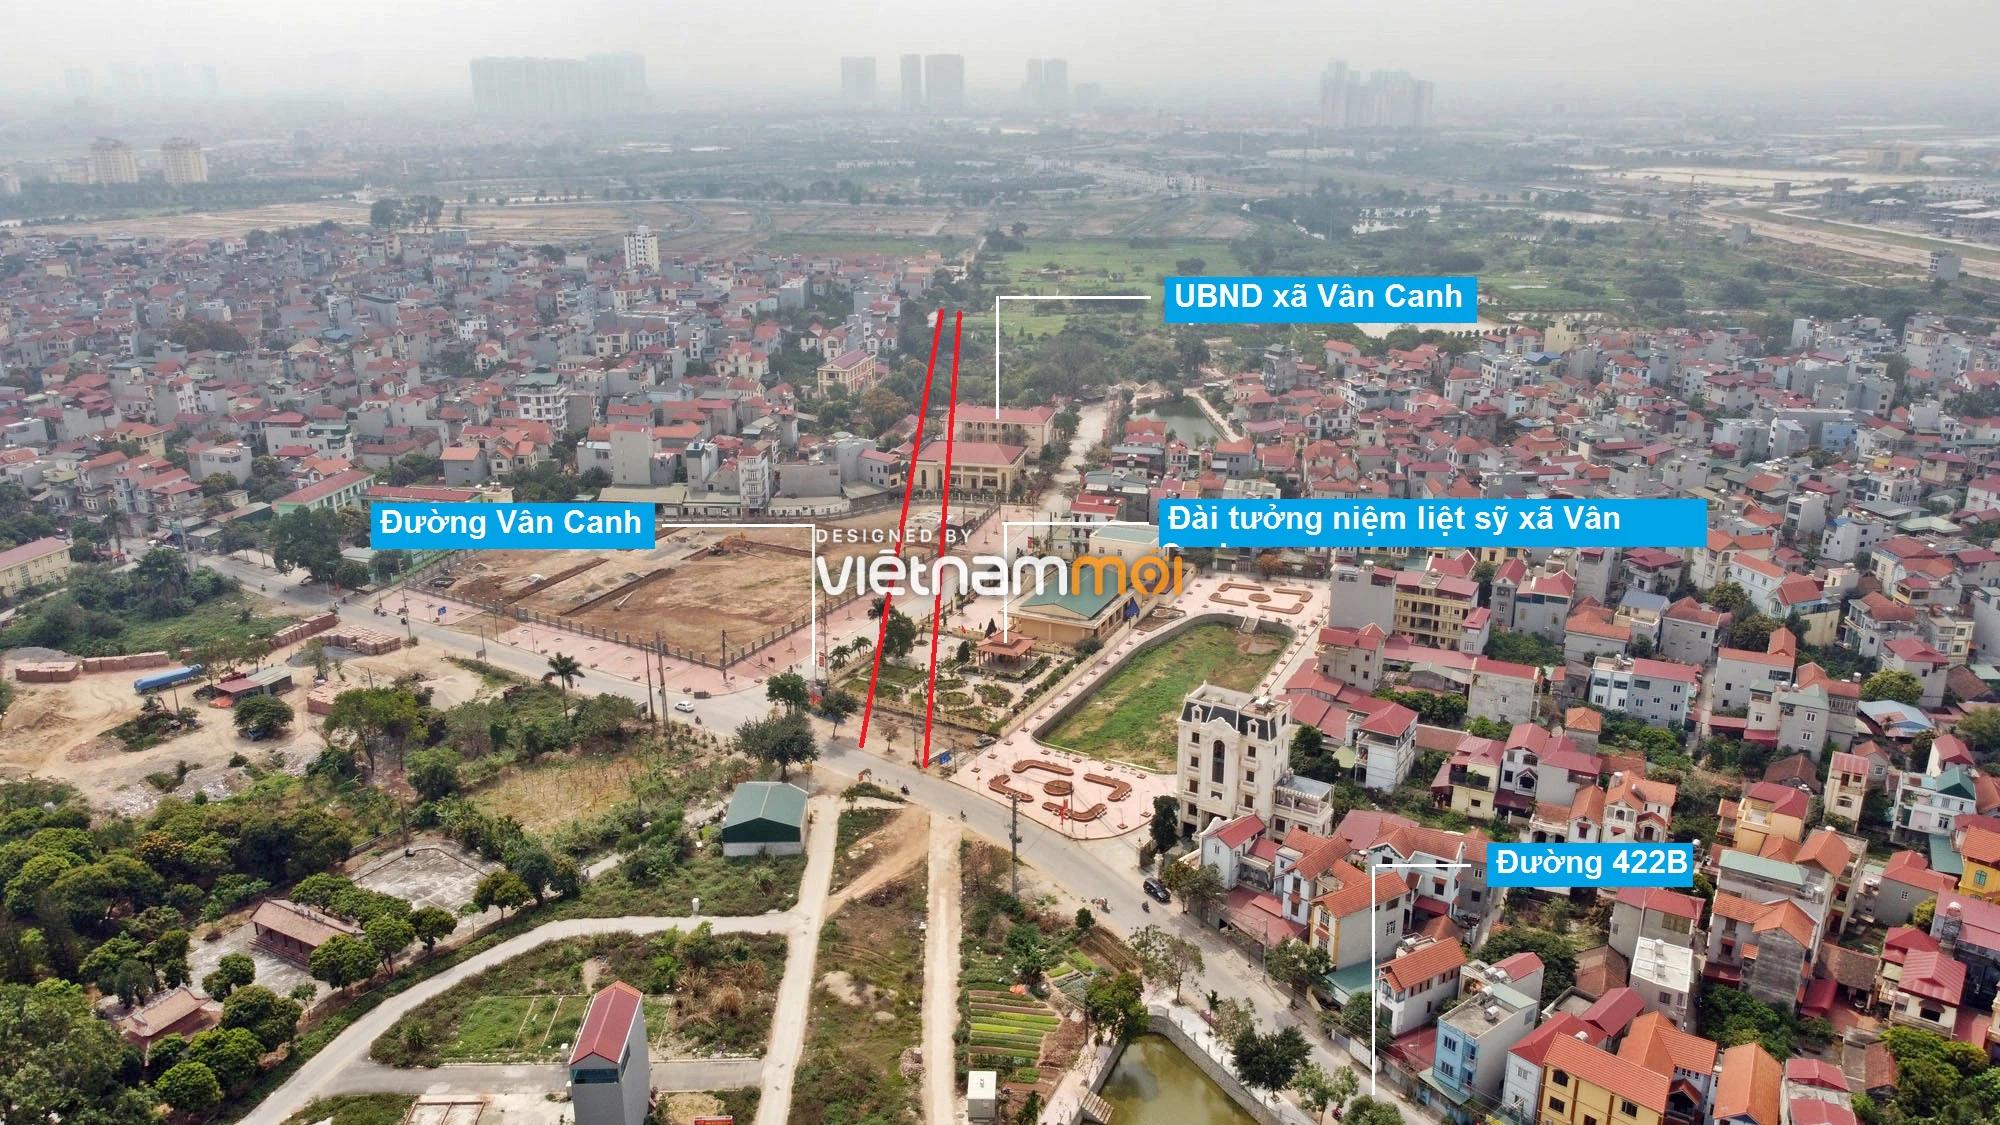 Đường sẽ mở theo quy hoạch ở xã Vân Canh, Hoài Đức, Hà Nội (phần 3) - Ảnh 3.